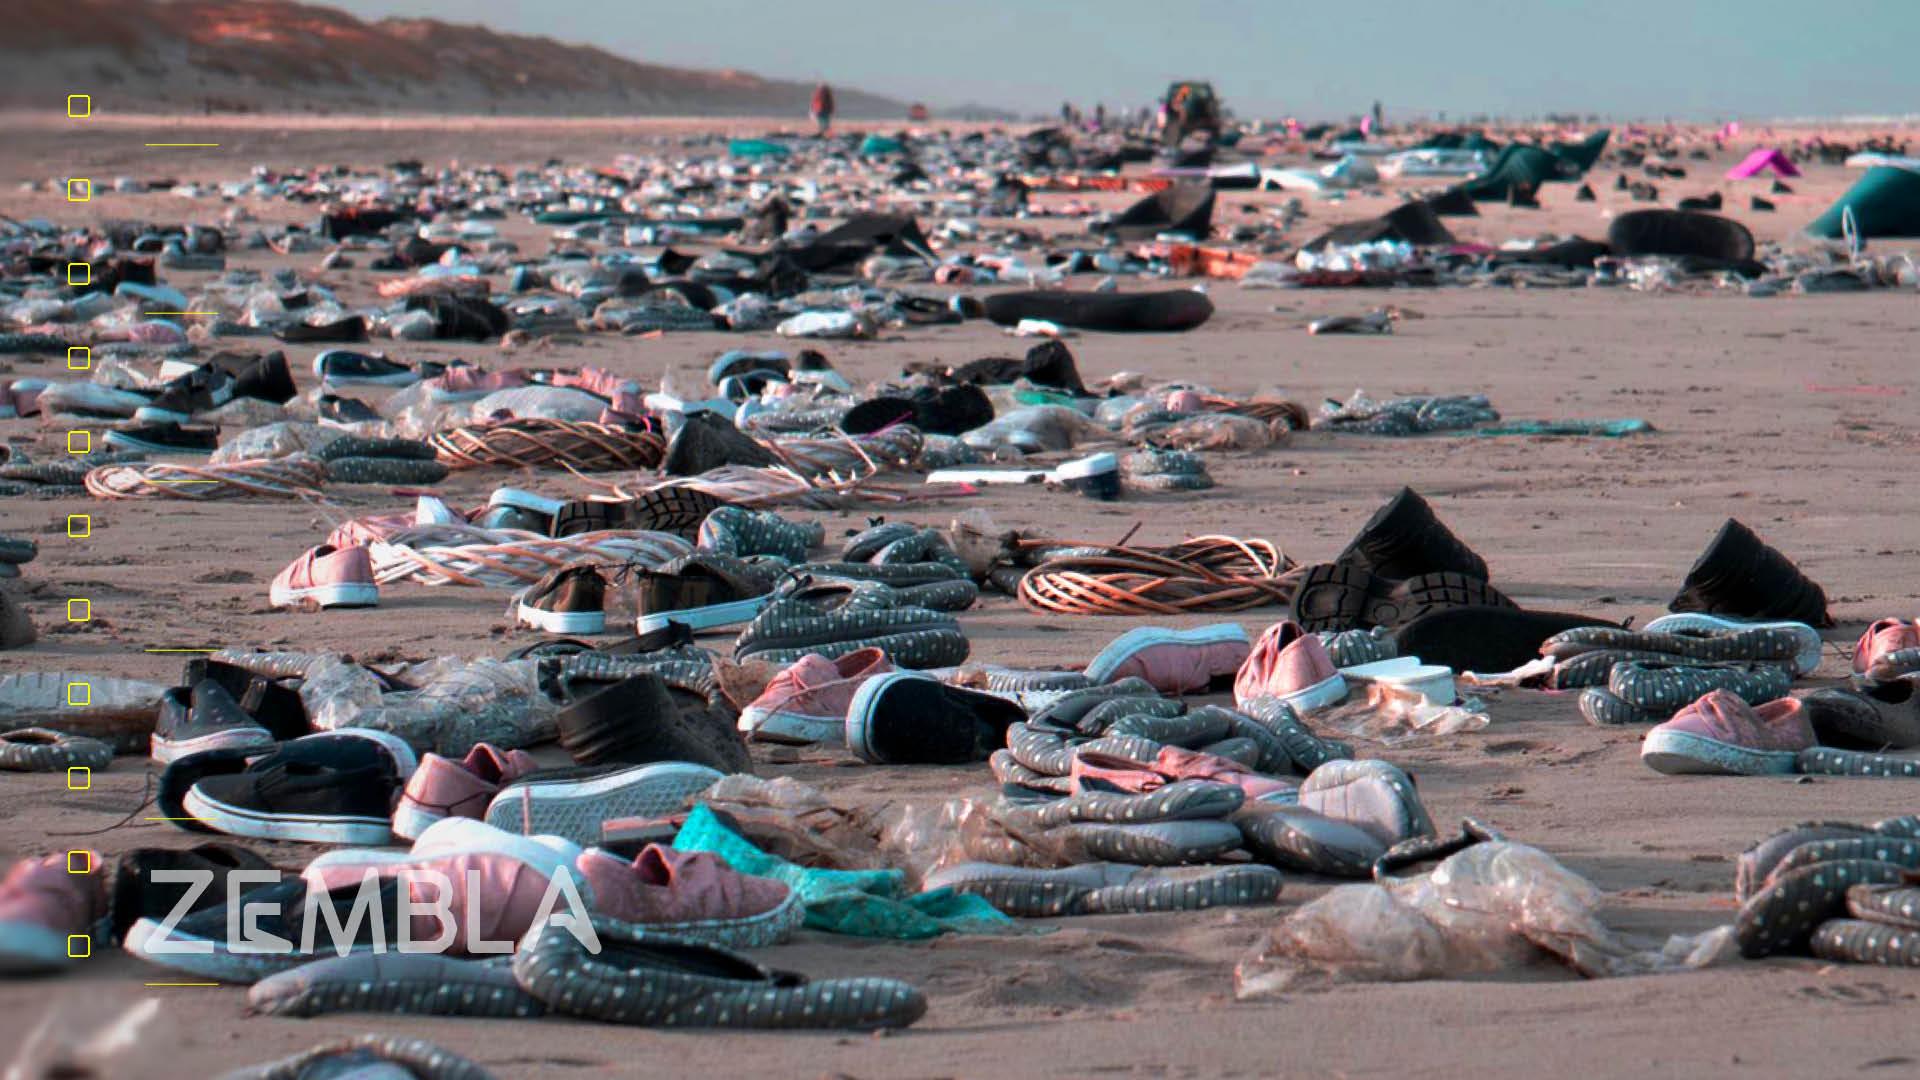 Afbeelding van 'Bizar': dit is slechts een fractie van de rotzooi van de containerramp